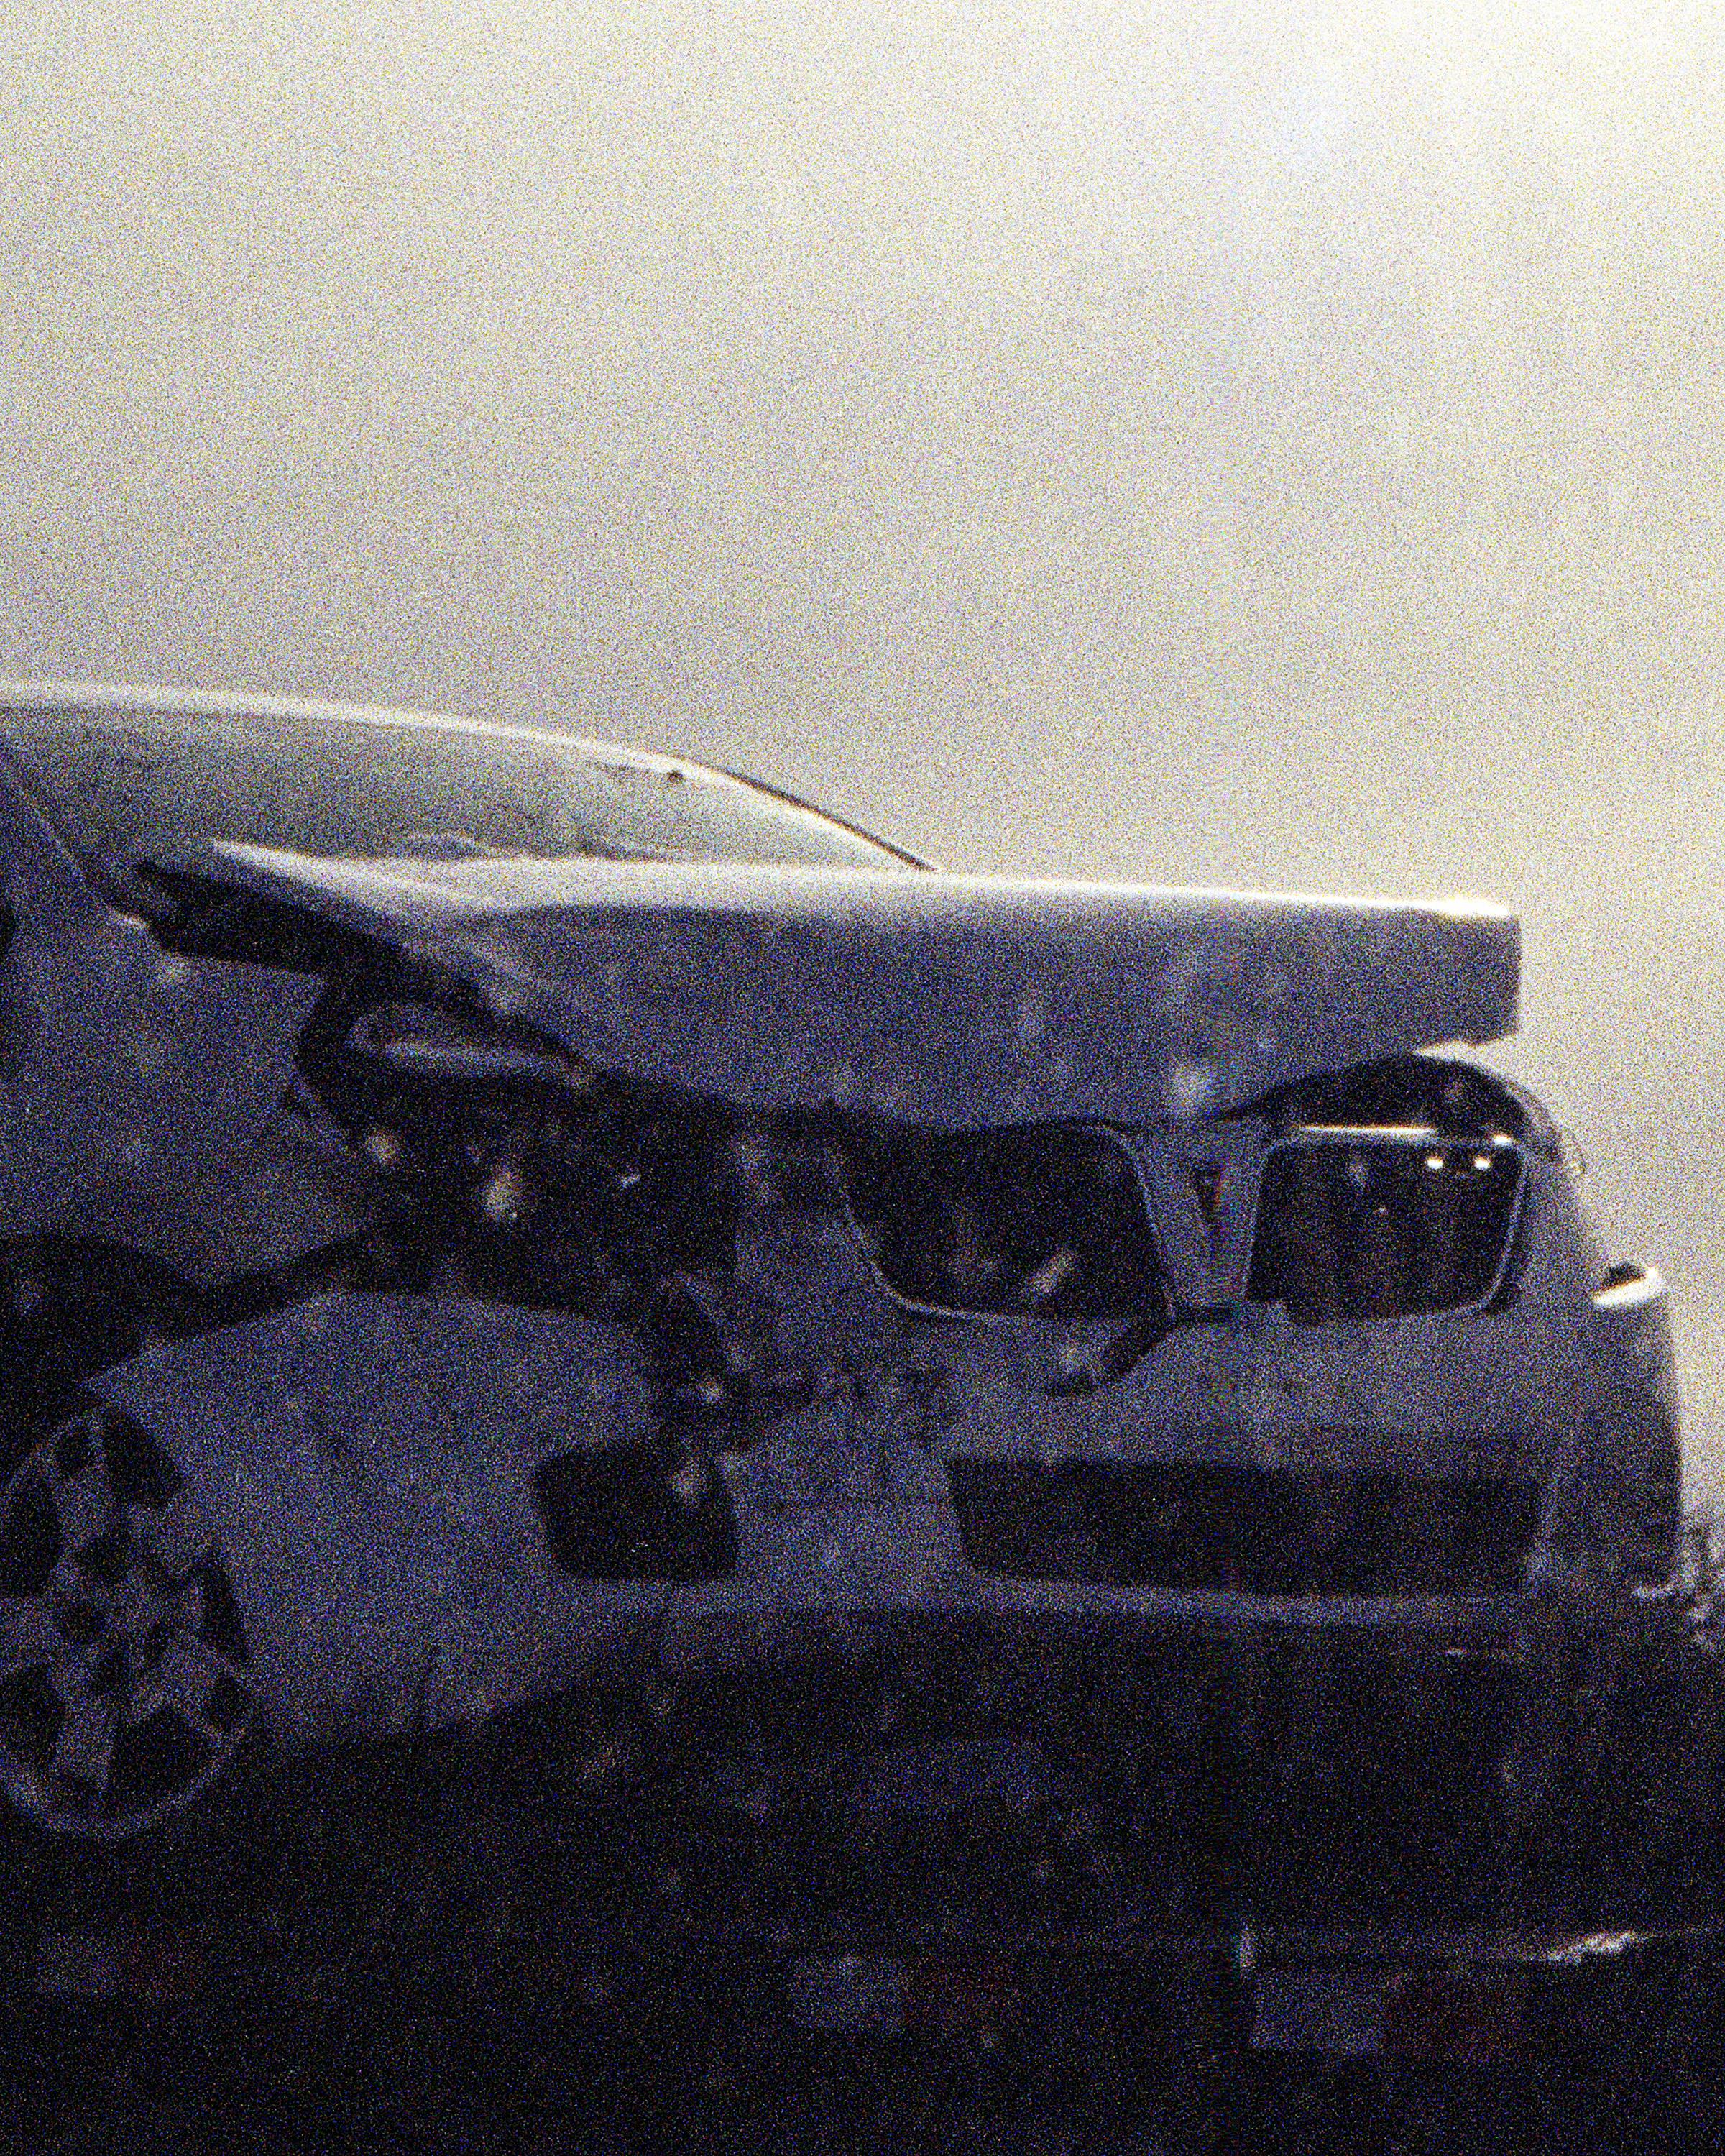 car_!wreck_1 001